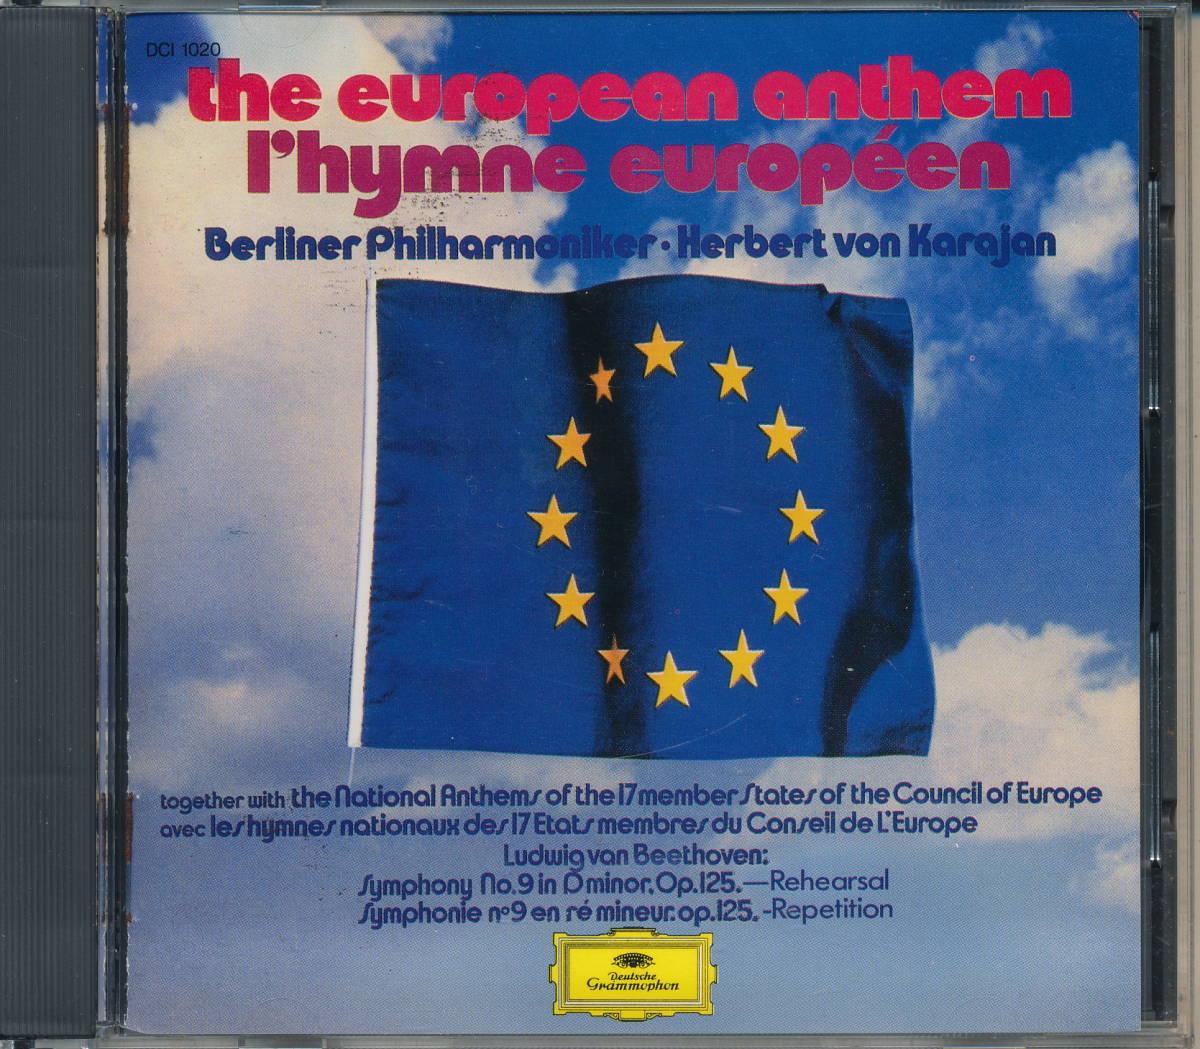 ヨーロッパ讃歌 ほか/ベートーヴェン:交響曲第9番(リハーサル)、カラヤン指揮/ベルリン・フィル管弦楽団、国内盤(非売品)CD/ゴールドCD_画像1